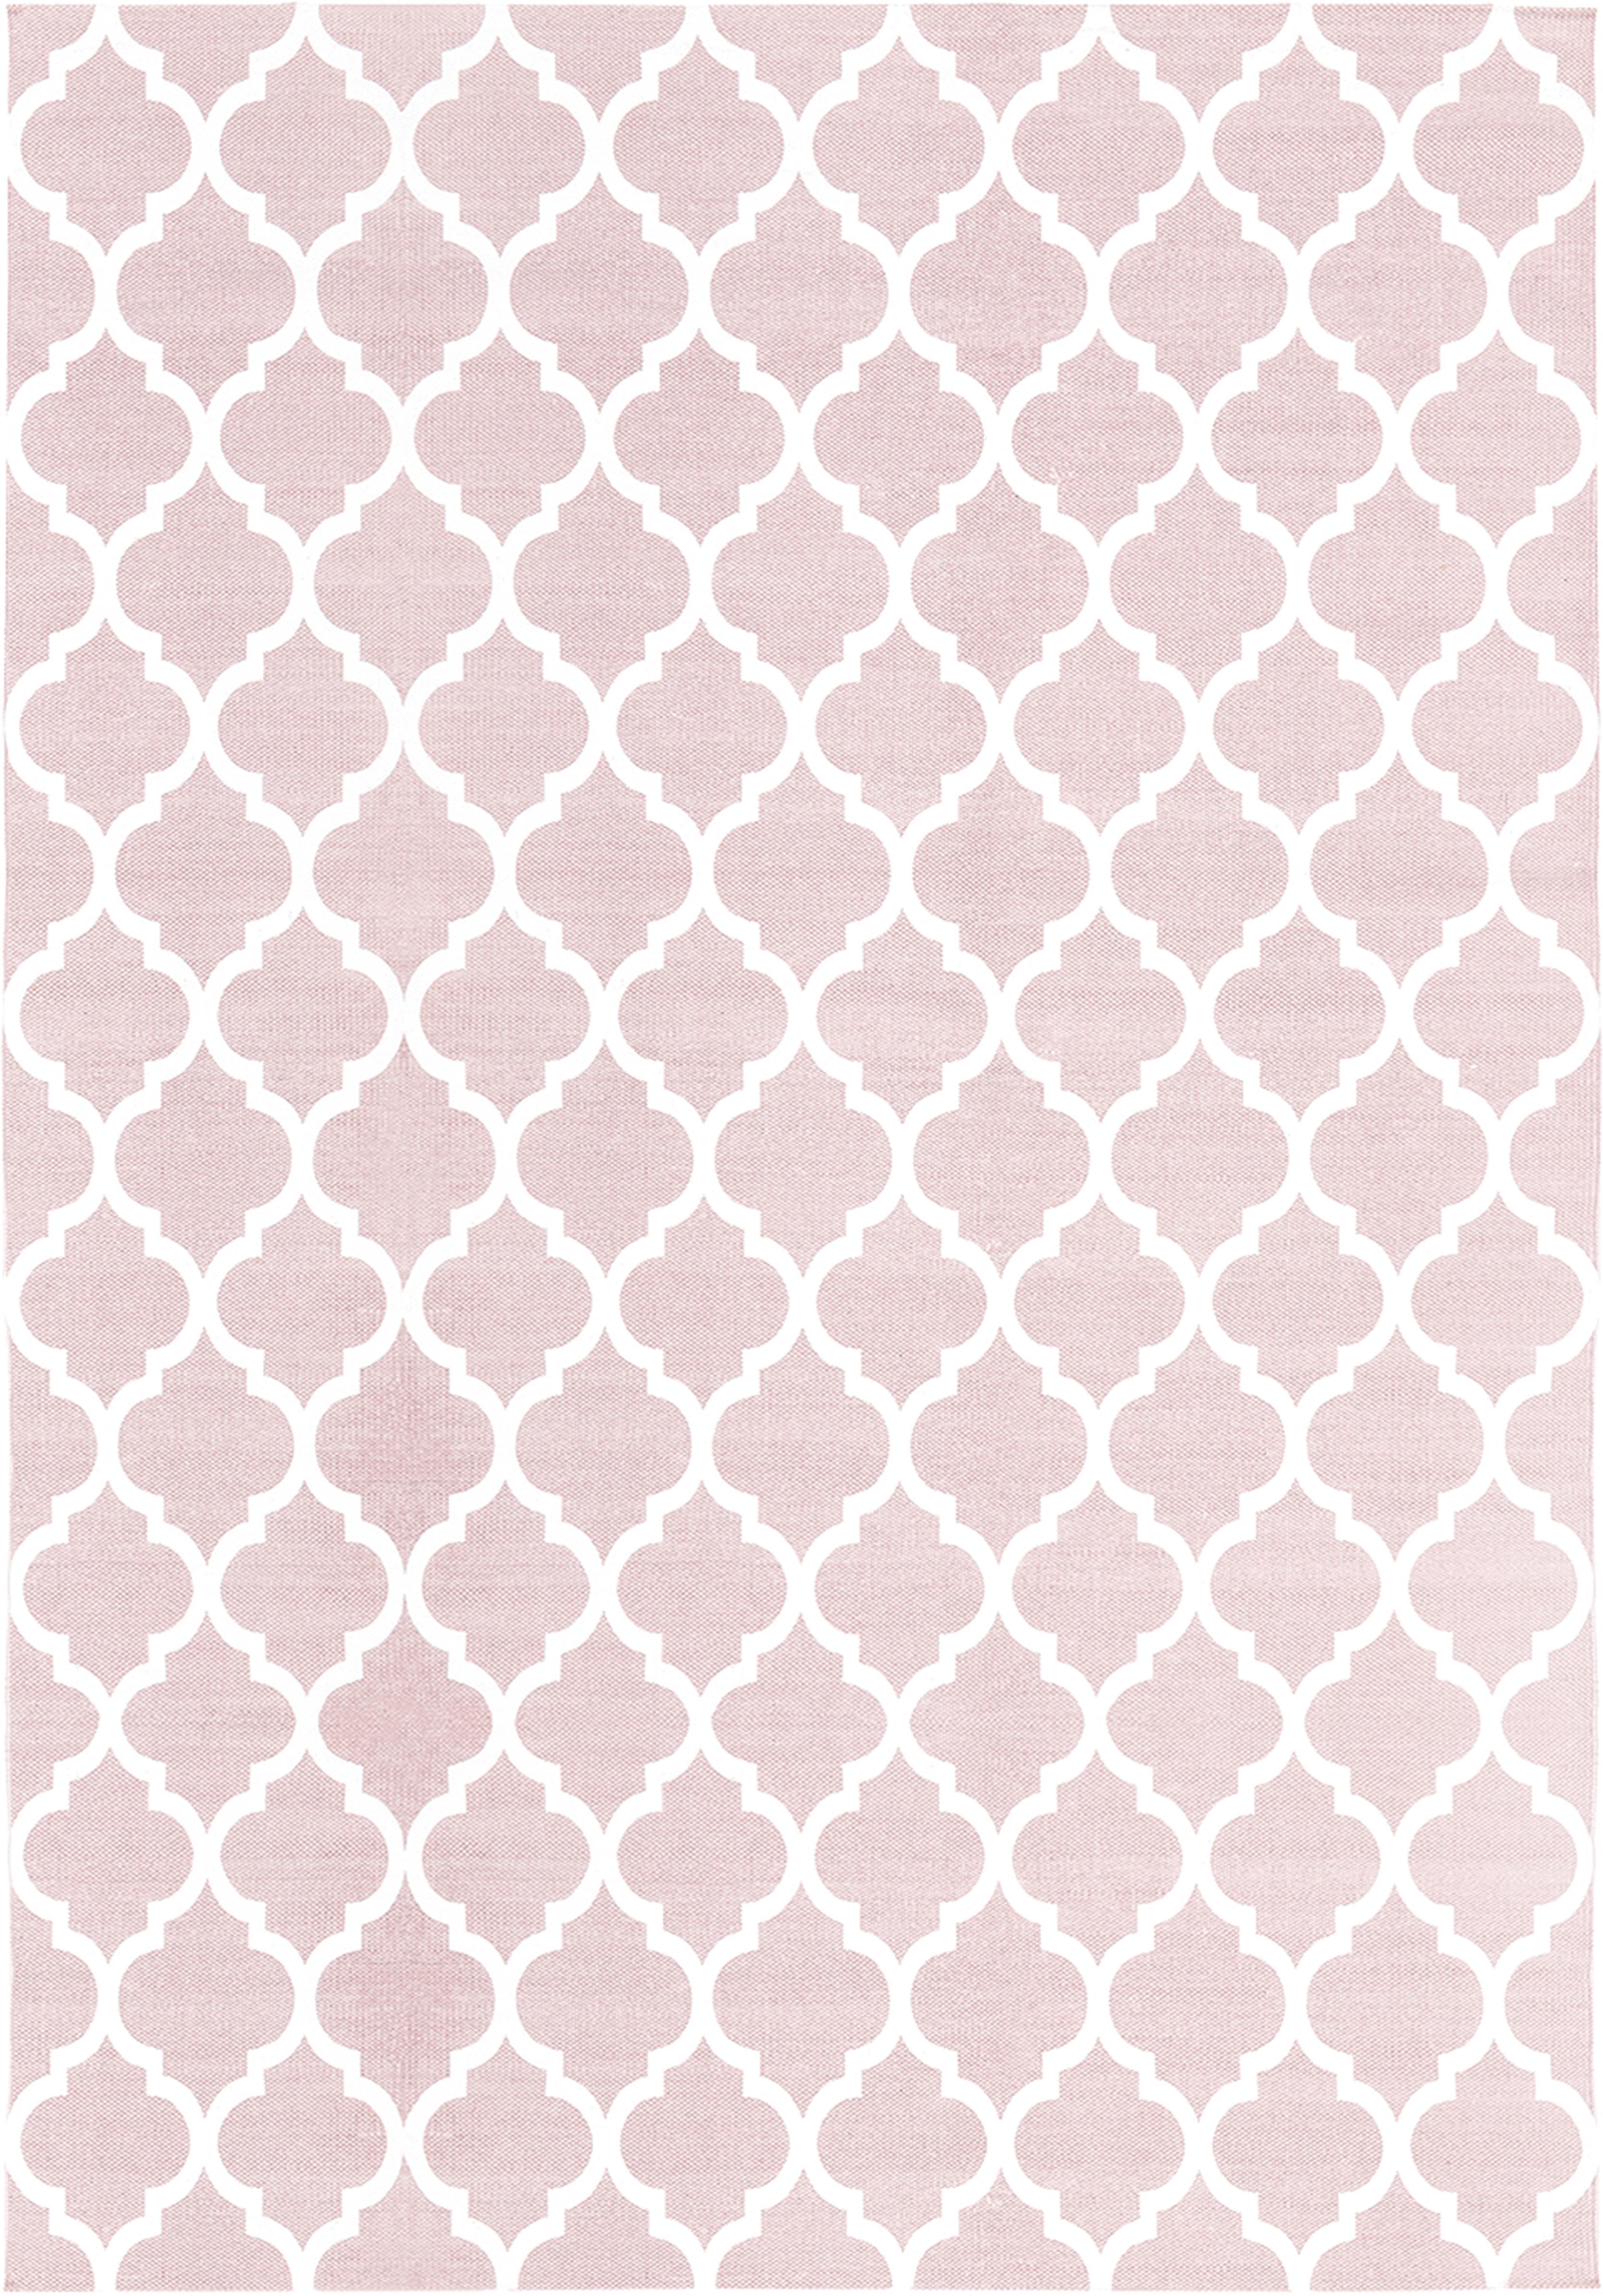 Dywan z bawełny Amira, 100% bawełna, Blady różowy, kremowobiały, S 160 x D 230 cm (Rozmiar M)